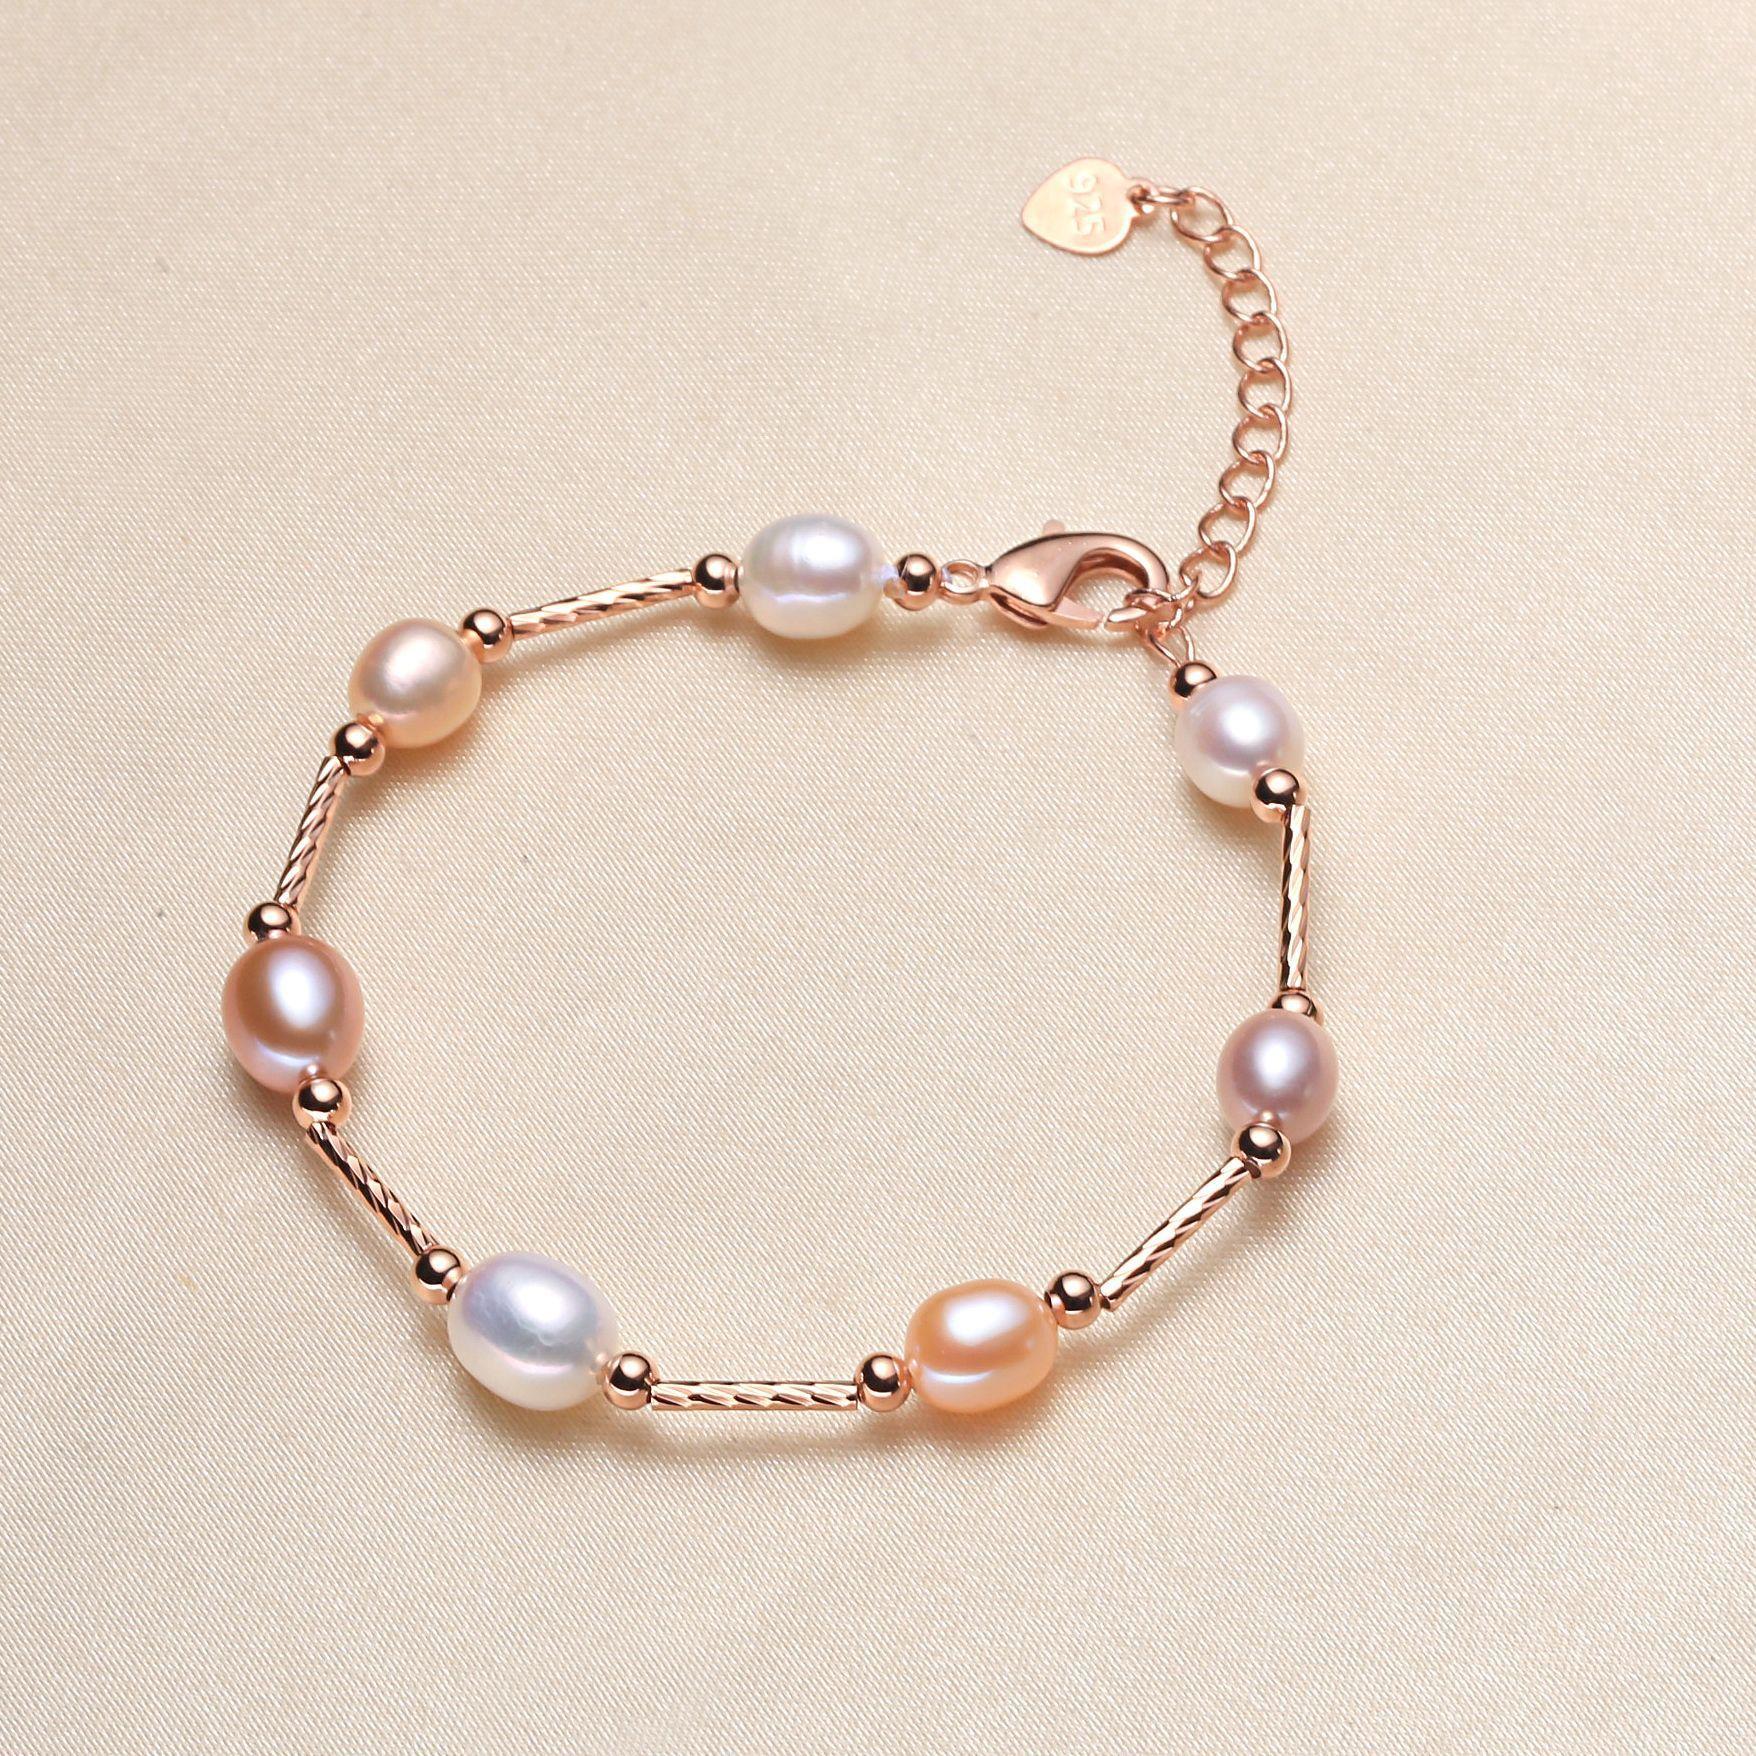 14K золото наполнены белый розовый фиолетовый мульти жемчужный браслет мода браслет жемчуг регулируемый браслет для женщин вечеринка творческий подарок Продвижение